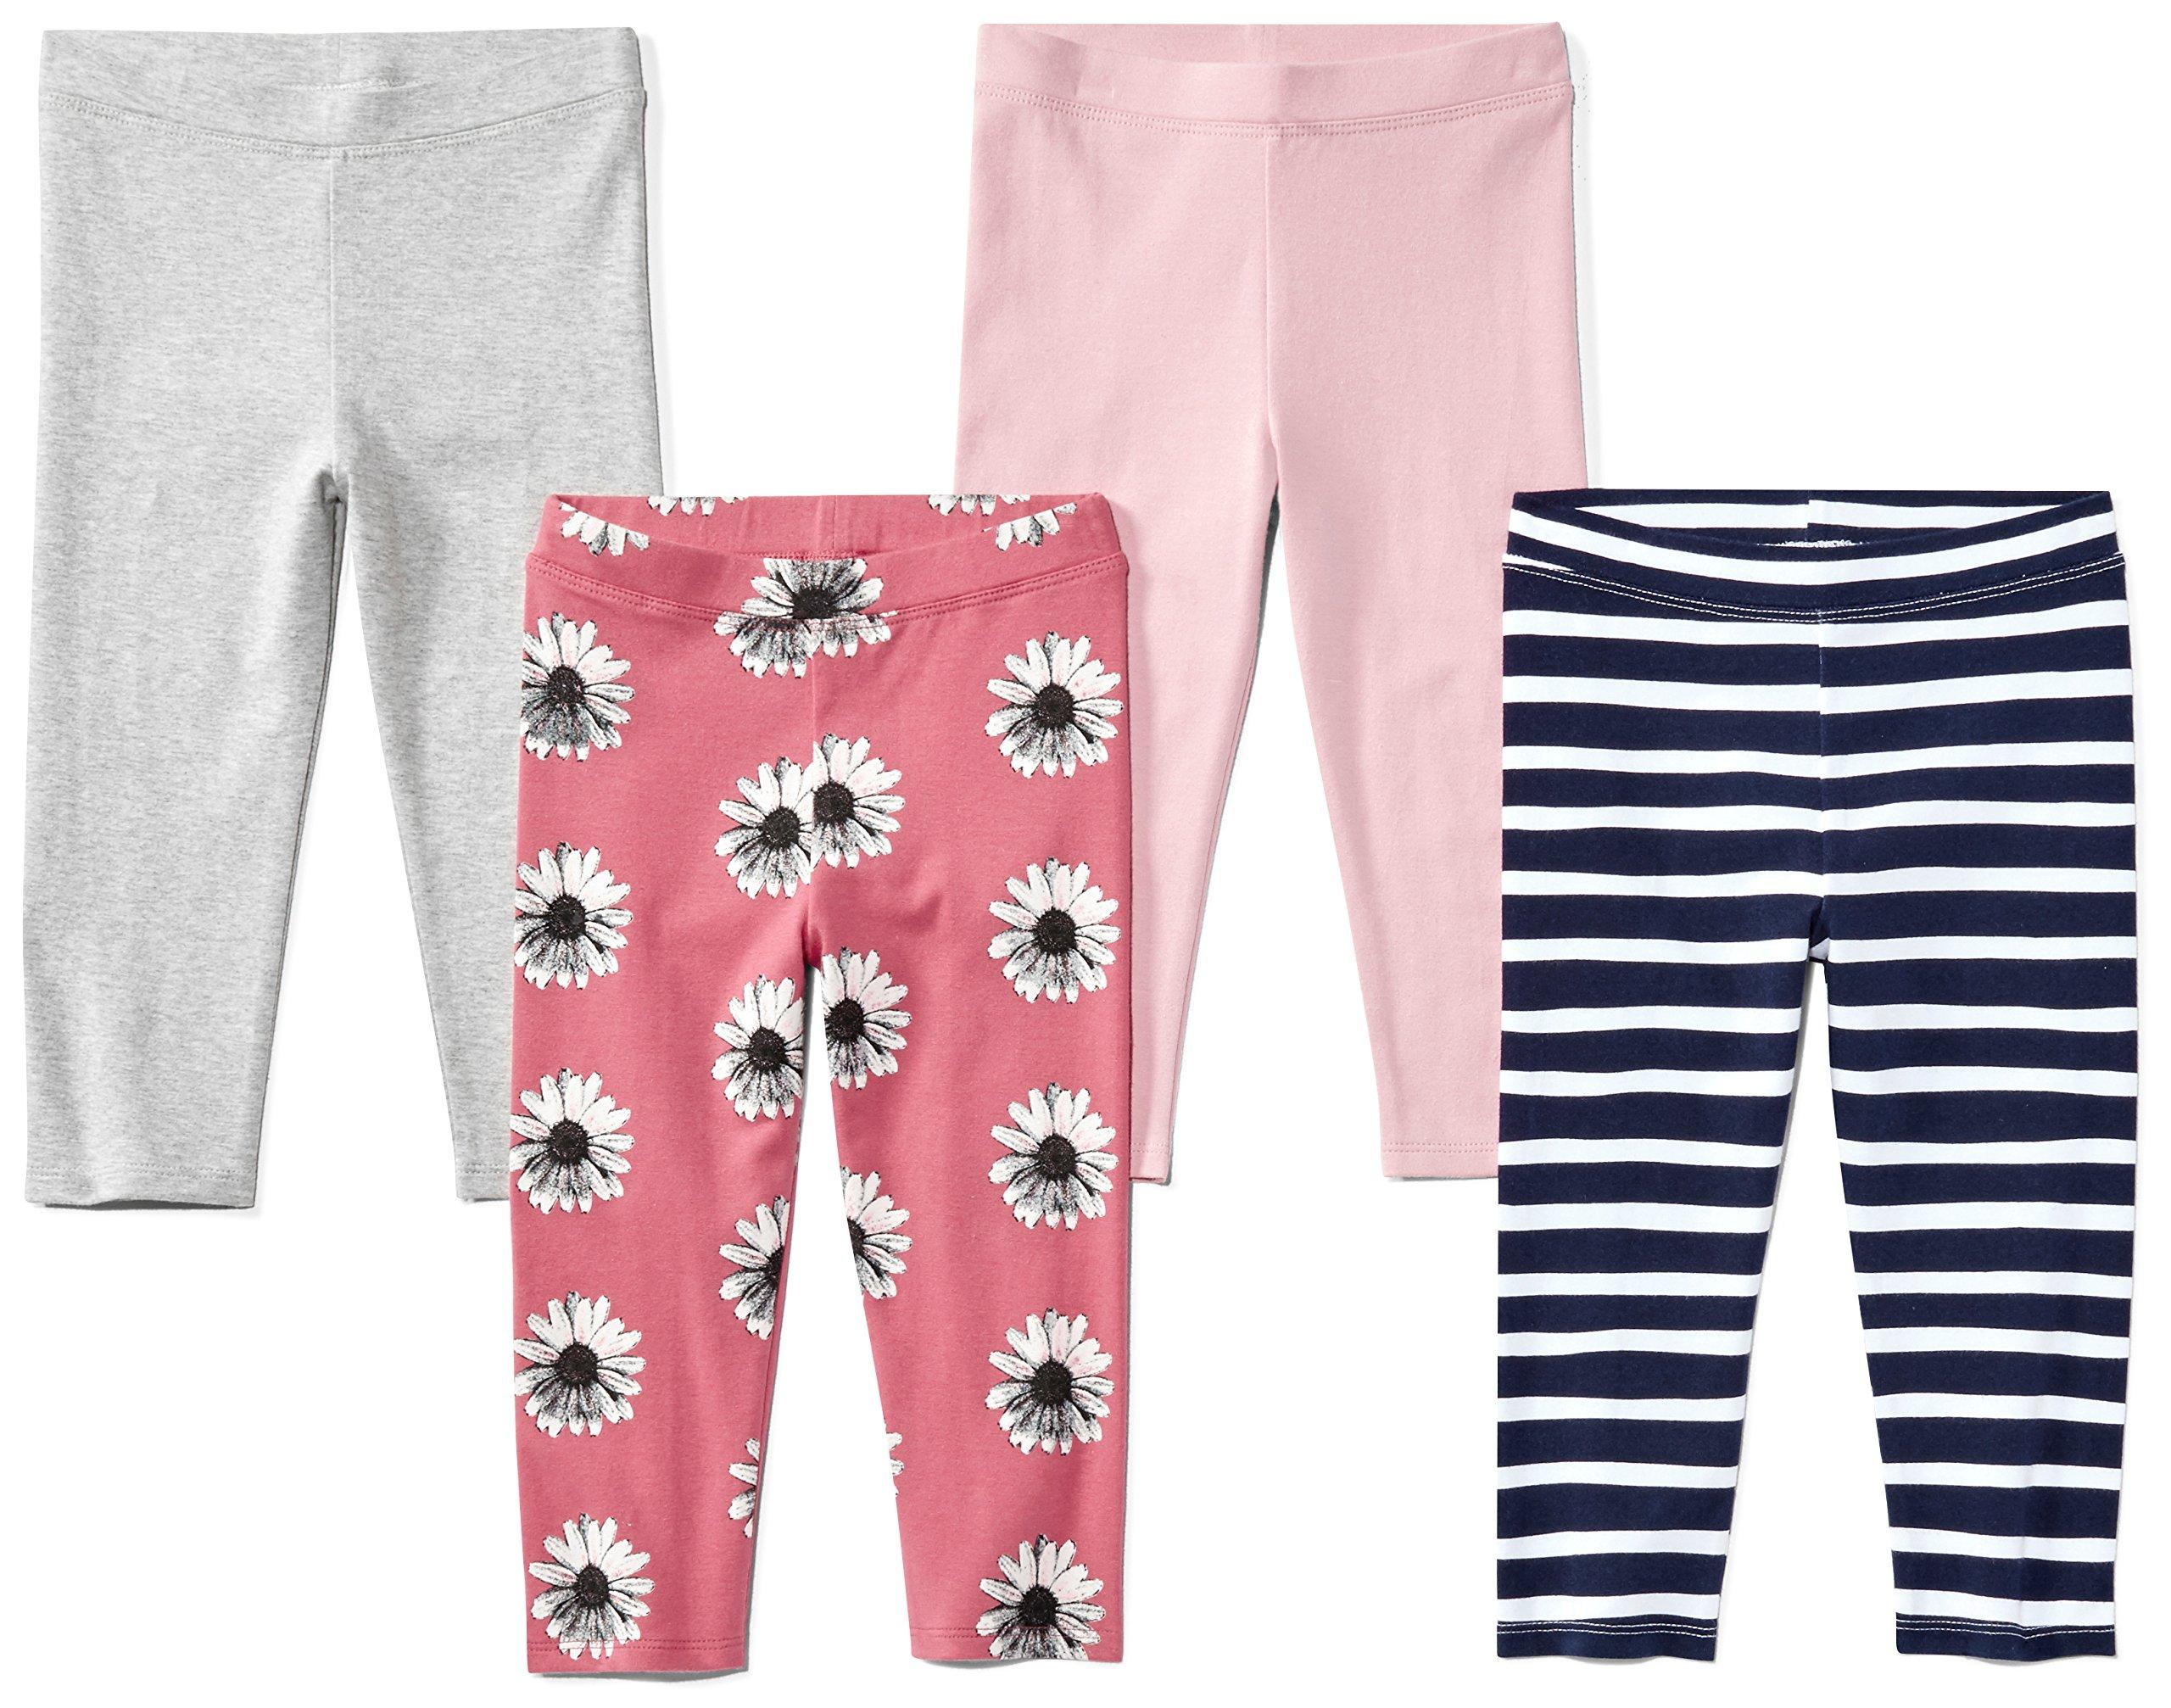 Amazon Brand - Spotted Zebra Girls' Little Kid 4-Pack Capri Leggings, Floral, Small (6-7)